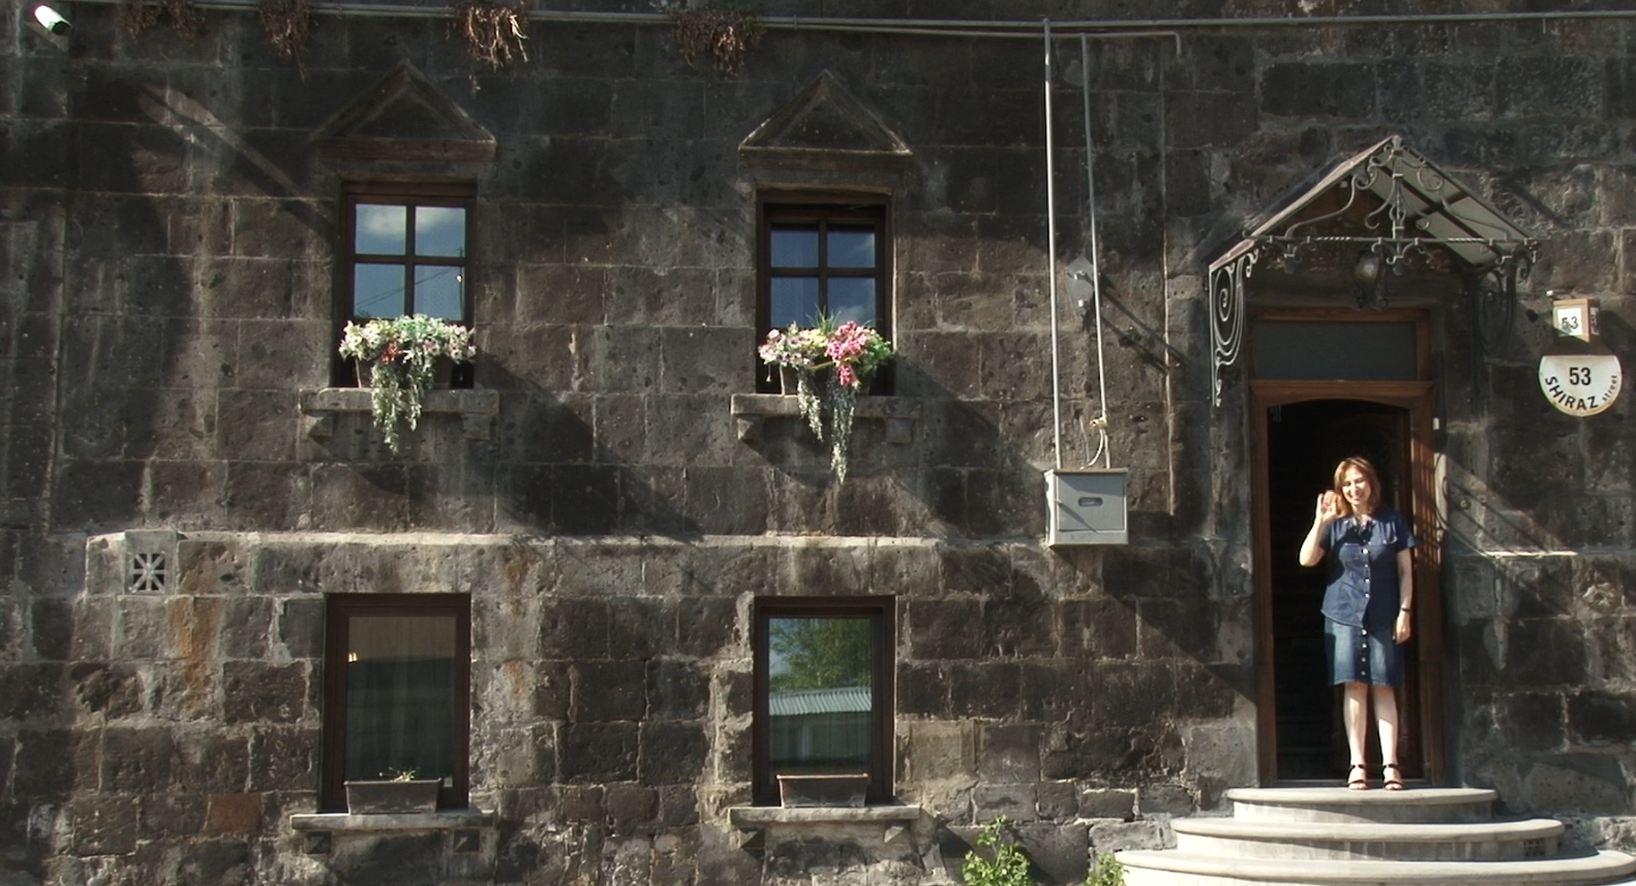 Photo of «Нужно найти в себе силы не эмигрировать». Основательница самого колоритного гостевого дома в Гюмри — женщина.